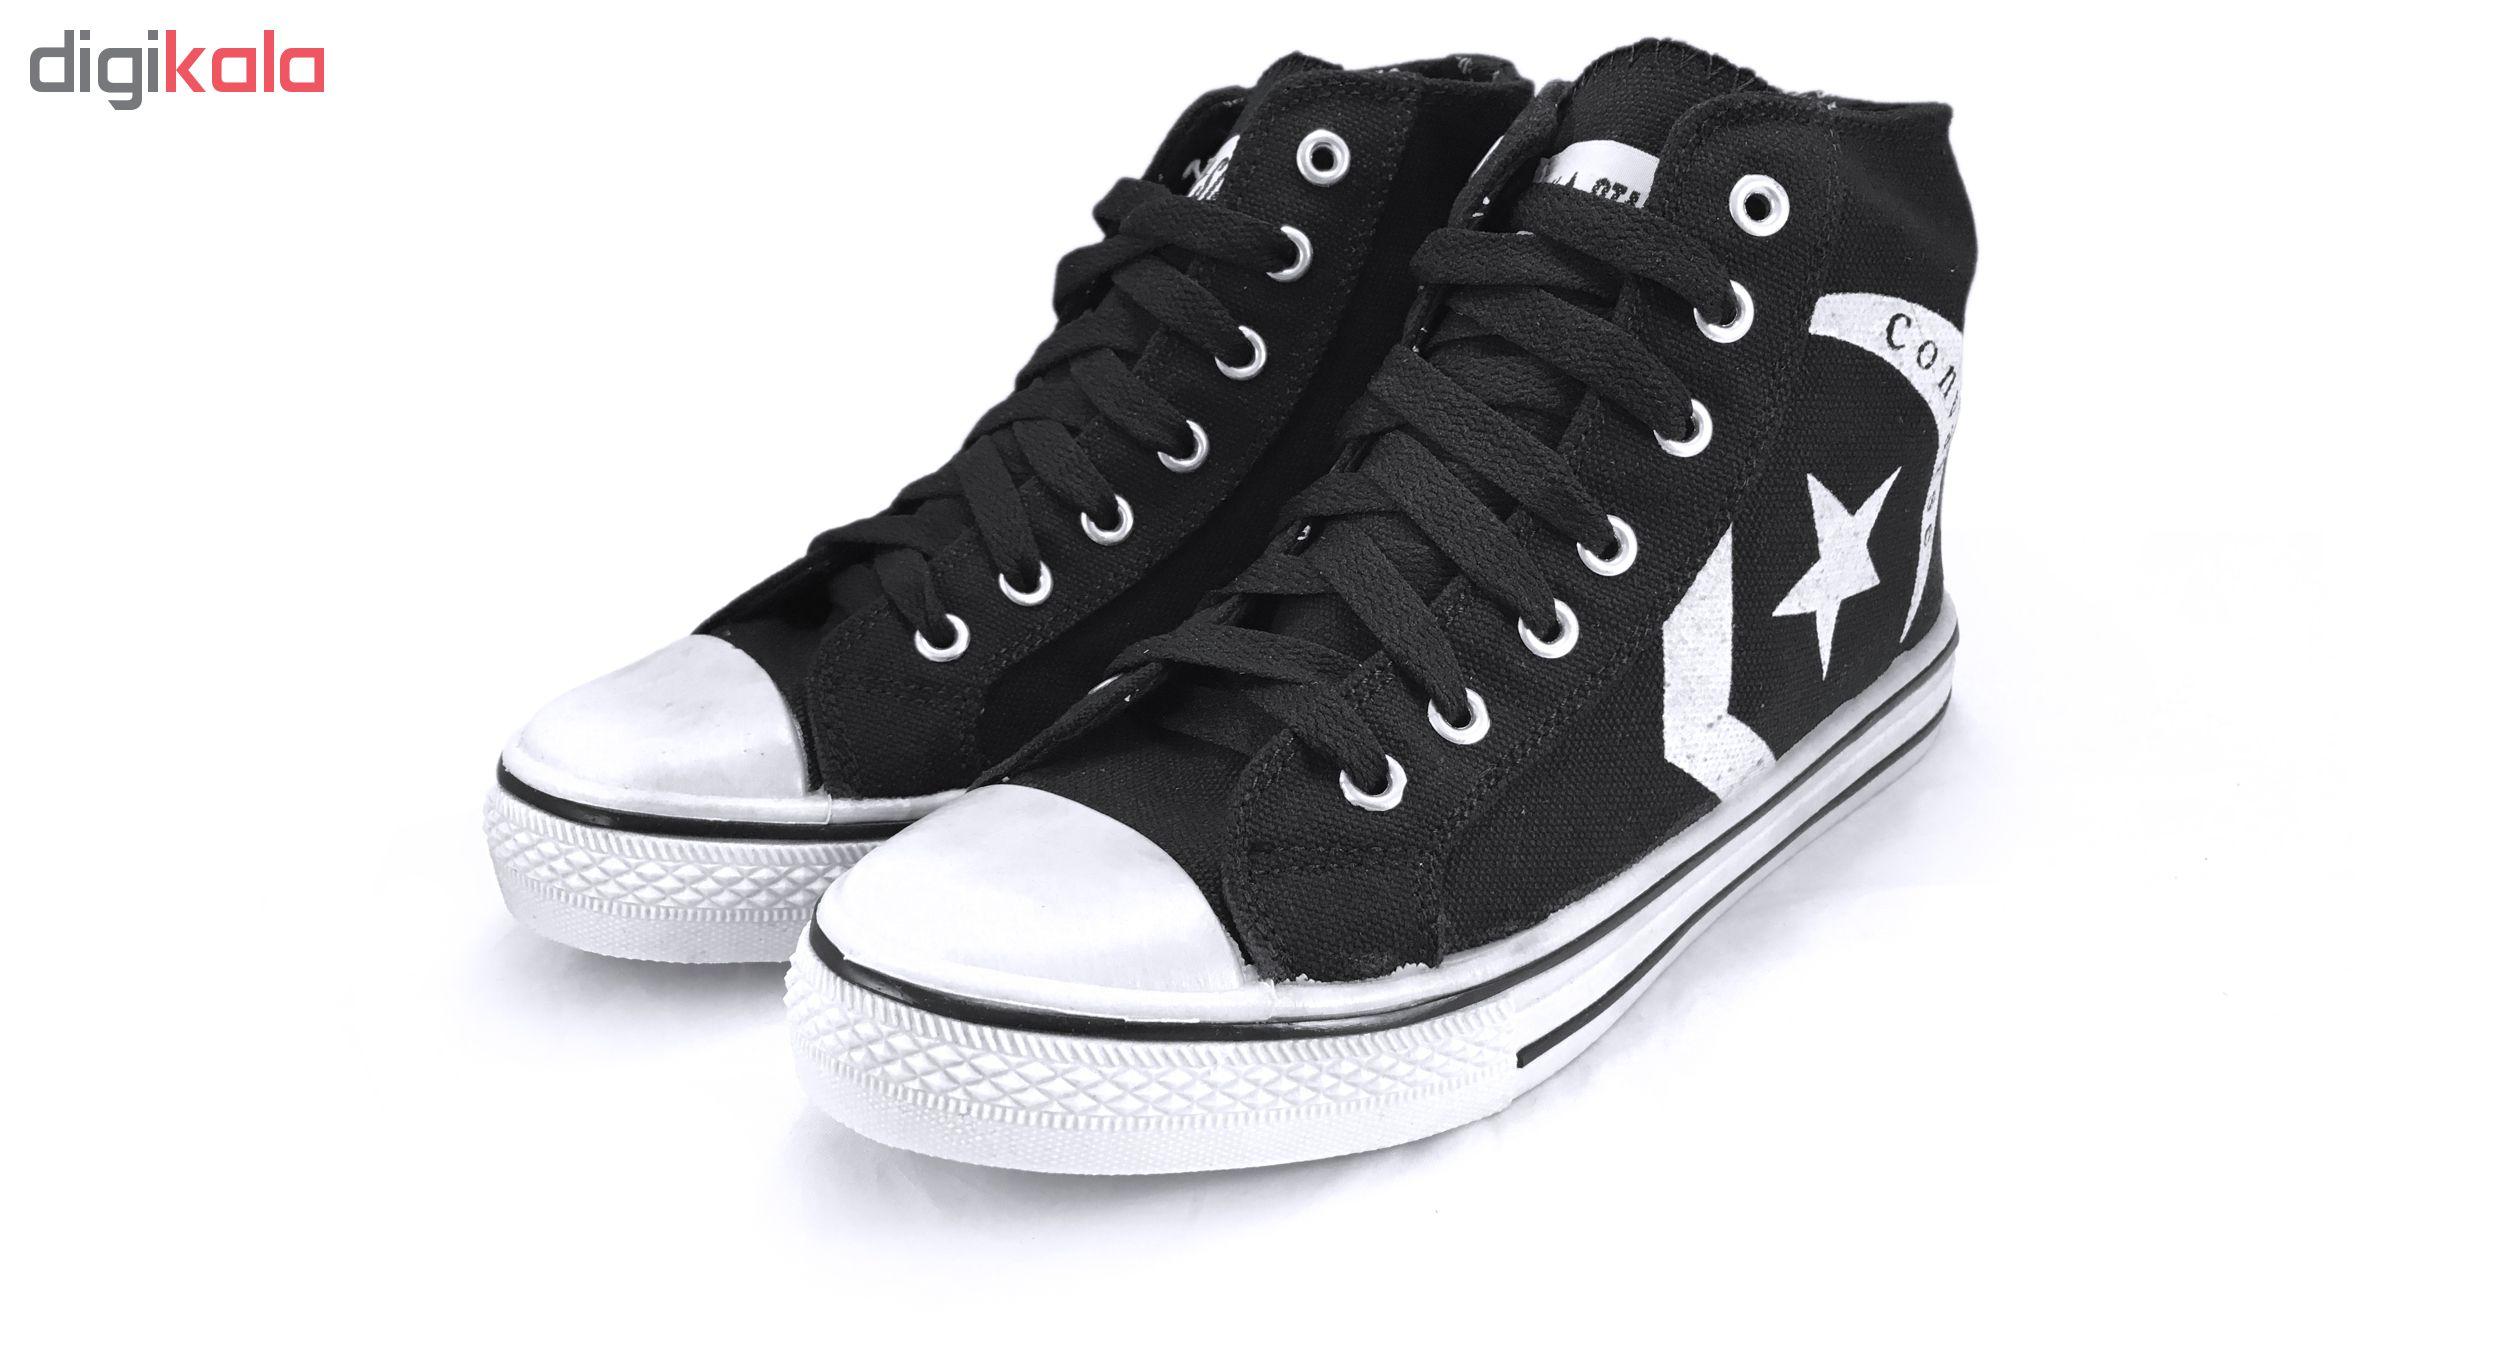 کفش مردانه پاما مدل نیکان کد 2990